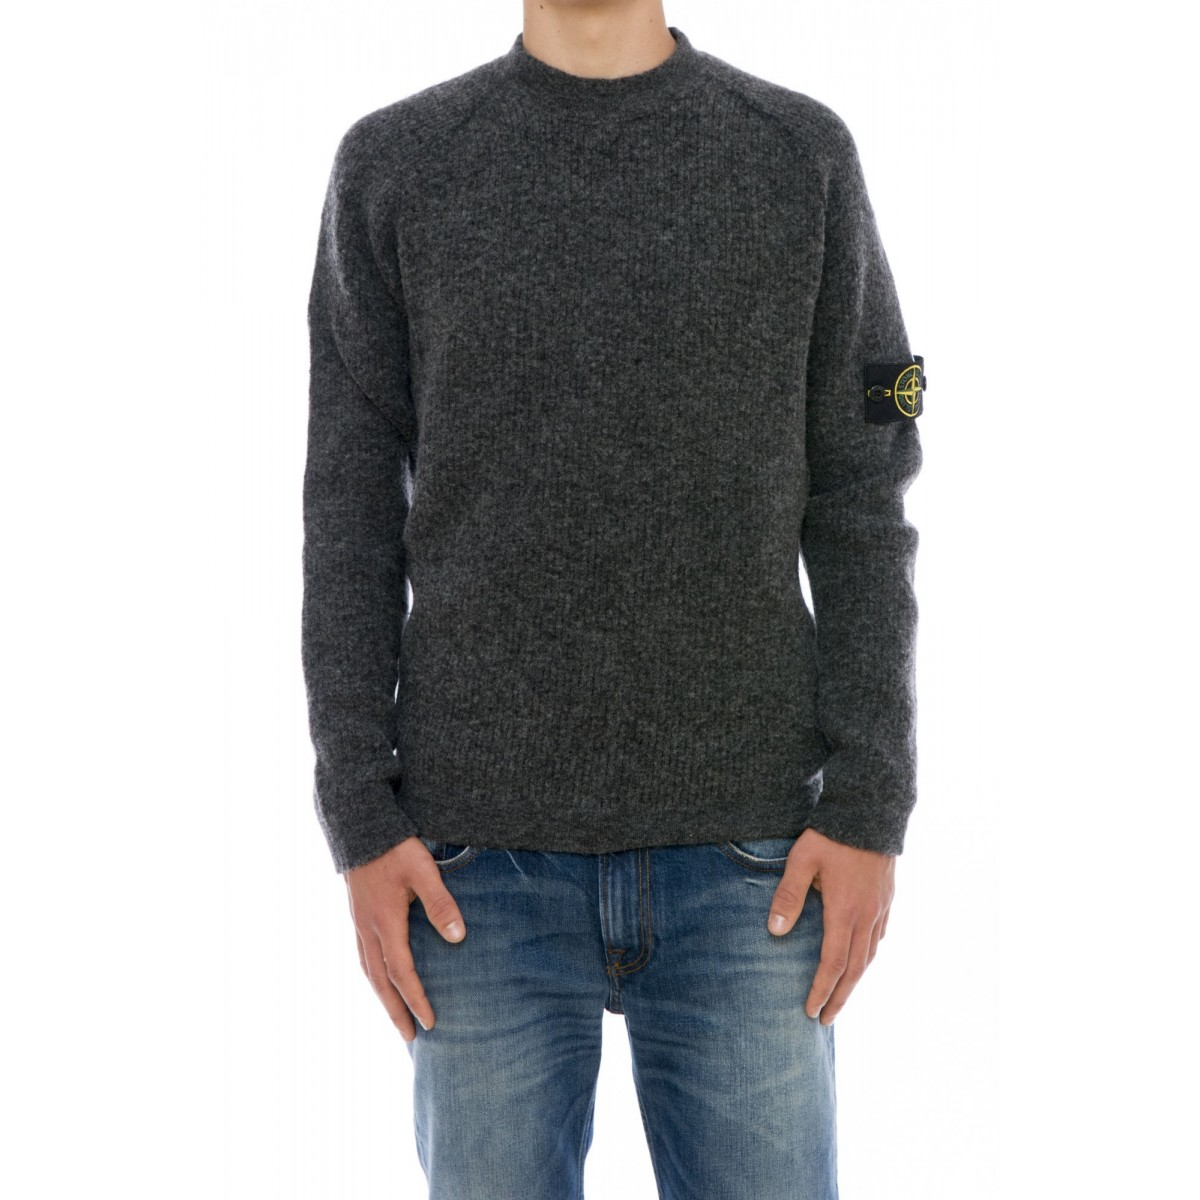 Maglia uomo Stone island - 518d1 maglia reversibile